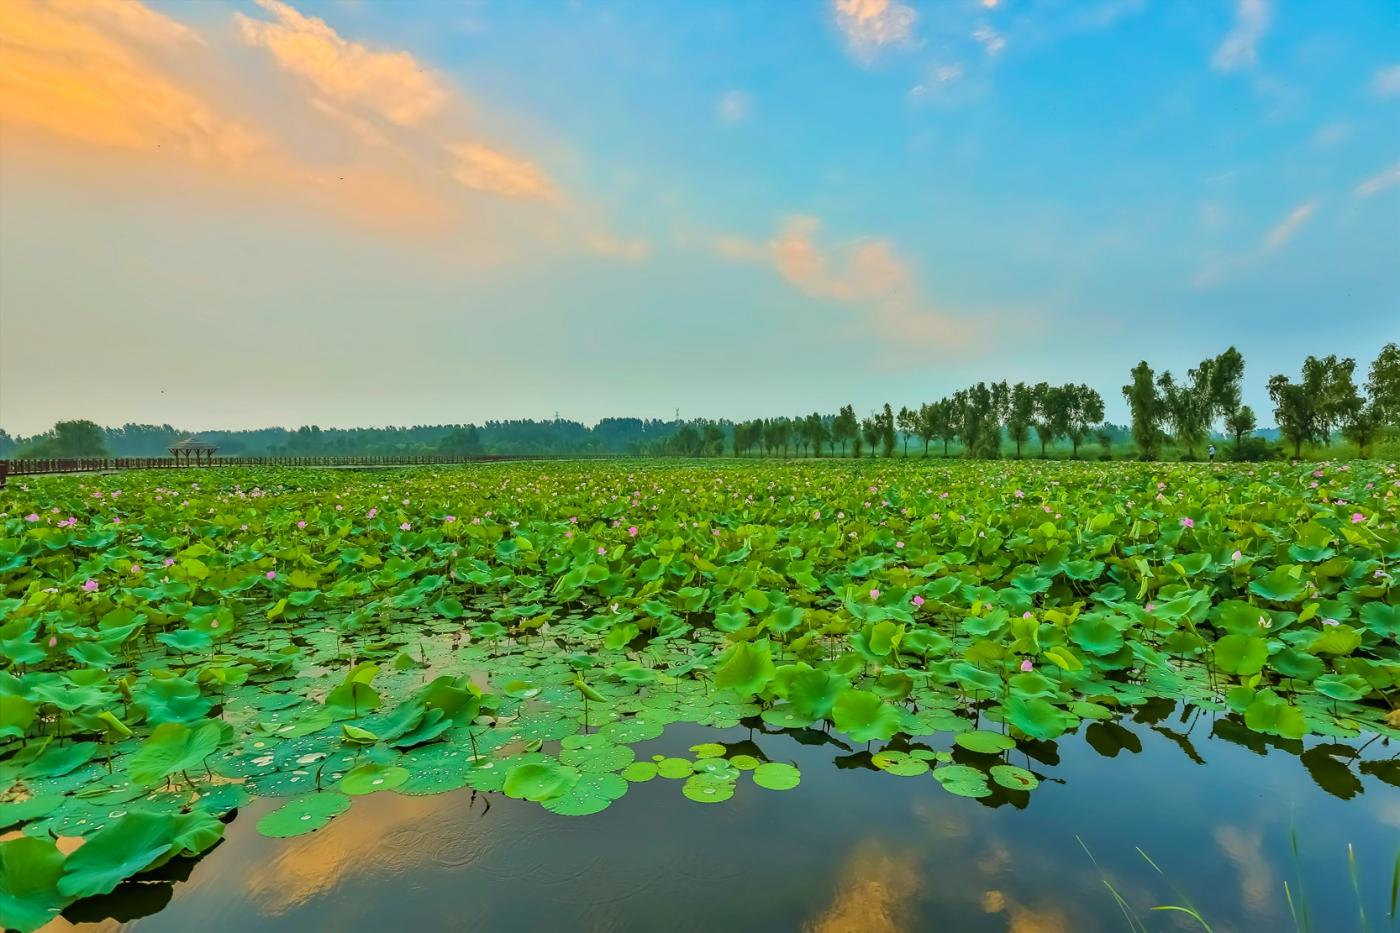 早晨的祥云印照下的临沂黄山武河湿地红荷园_图1-7